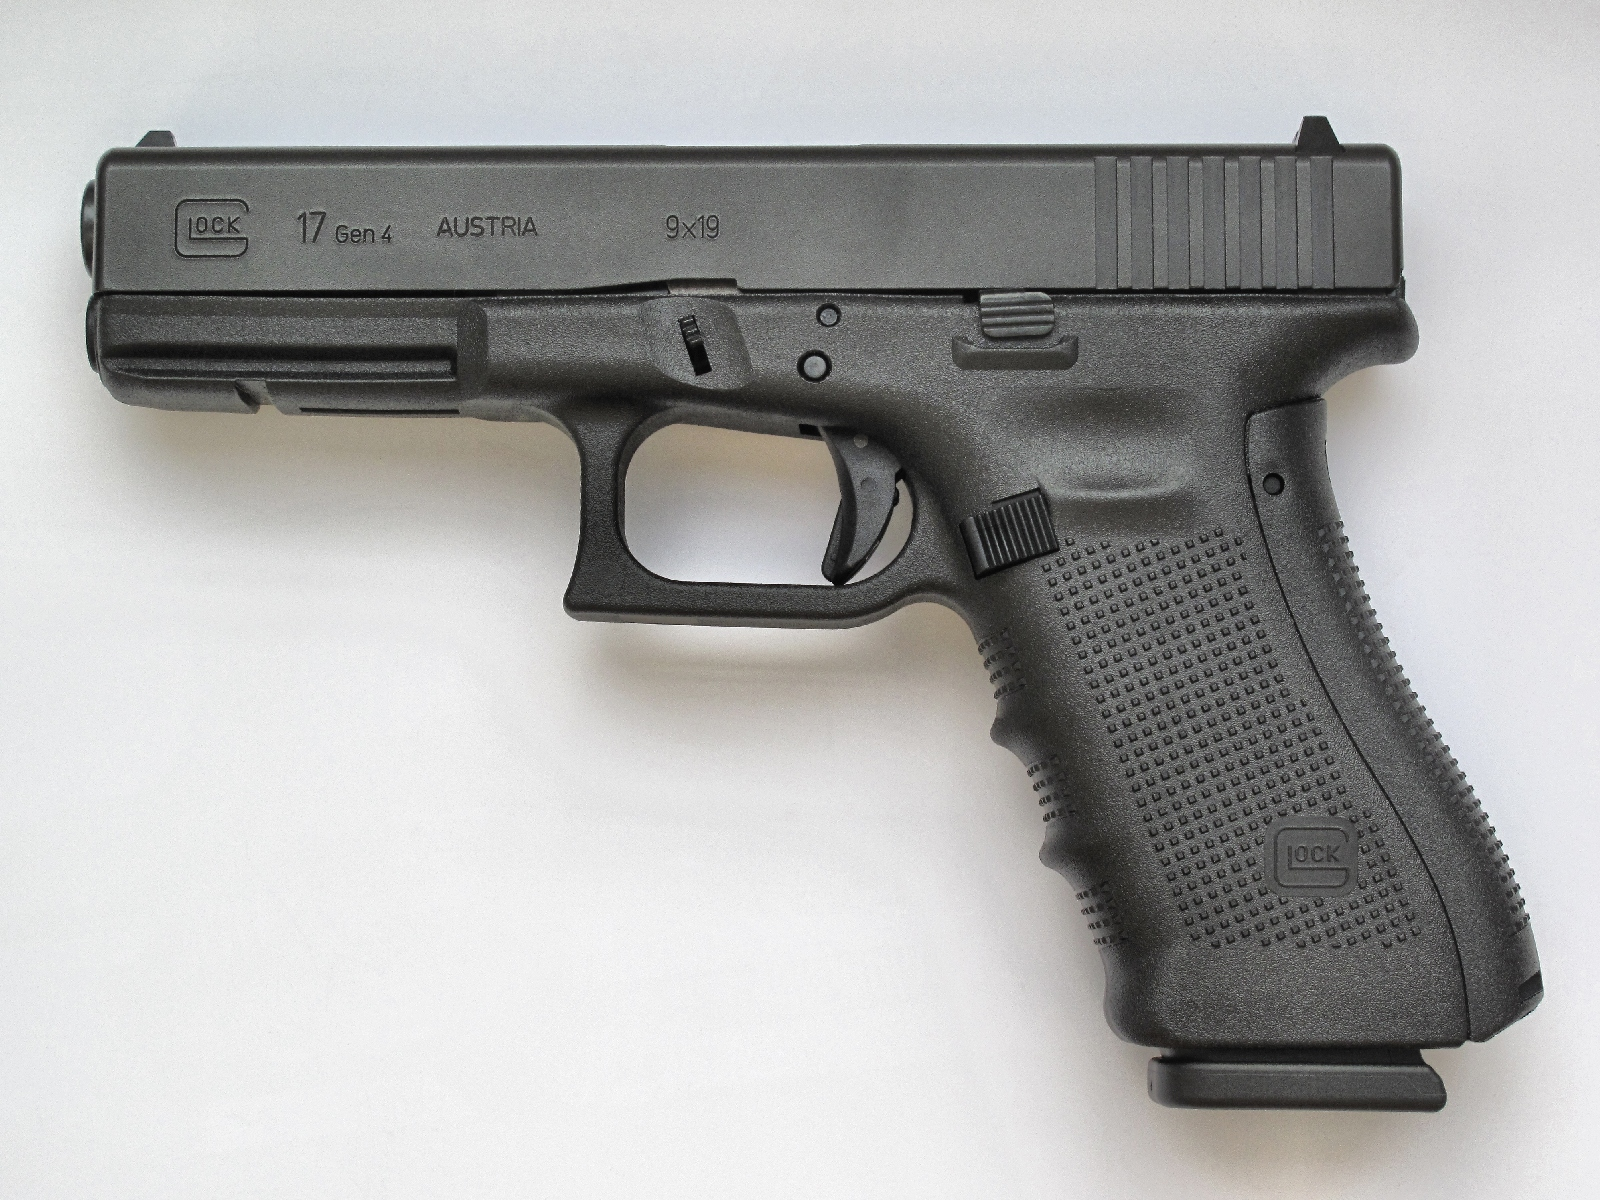 Il suffit d'observer la position (en arrière) de la queue de détente de ce pistolet Glock pour savoir que son mécanisme n'est pas armé, ce qui signifie qu'il n'y a pas de cartouche chambrée.